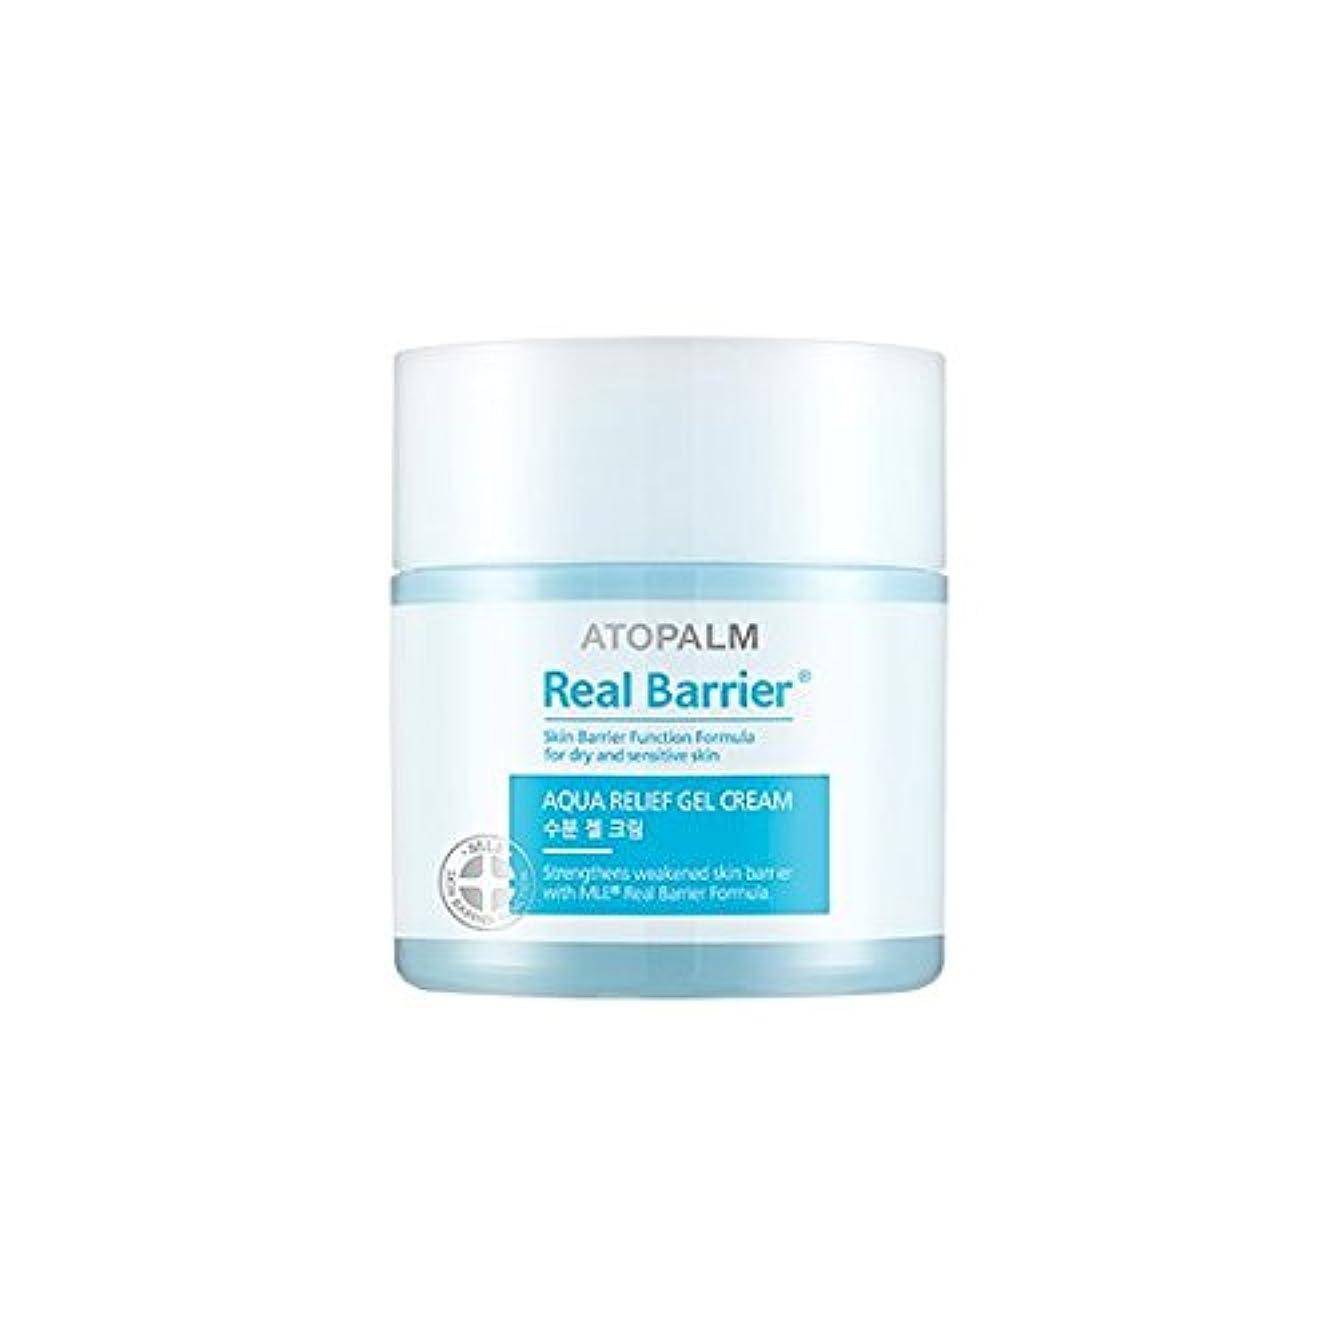 宝答えネイティブATOPALM Real Barrier Aqua Relief Gel Cream 50ml/アトパーム リアル バリア アクア リリーフ ジェル クリーム 50ml [並行輸入品]